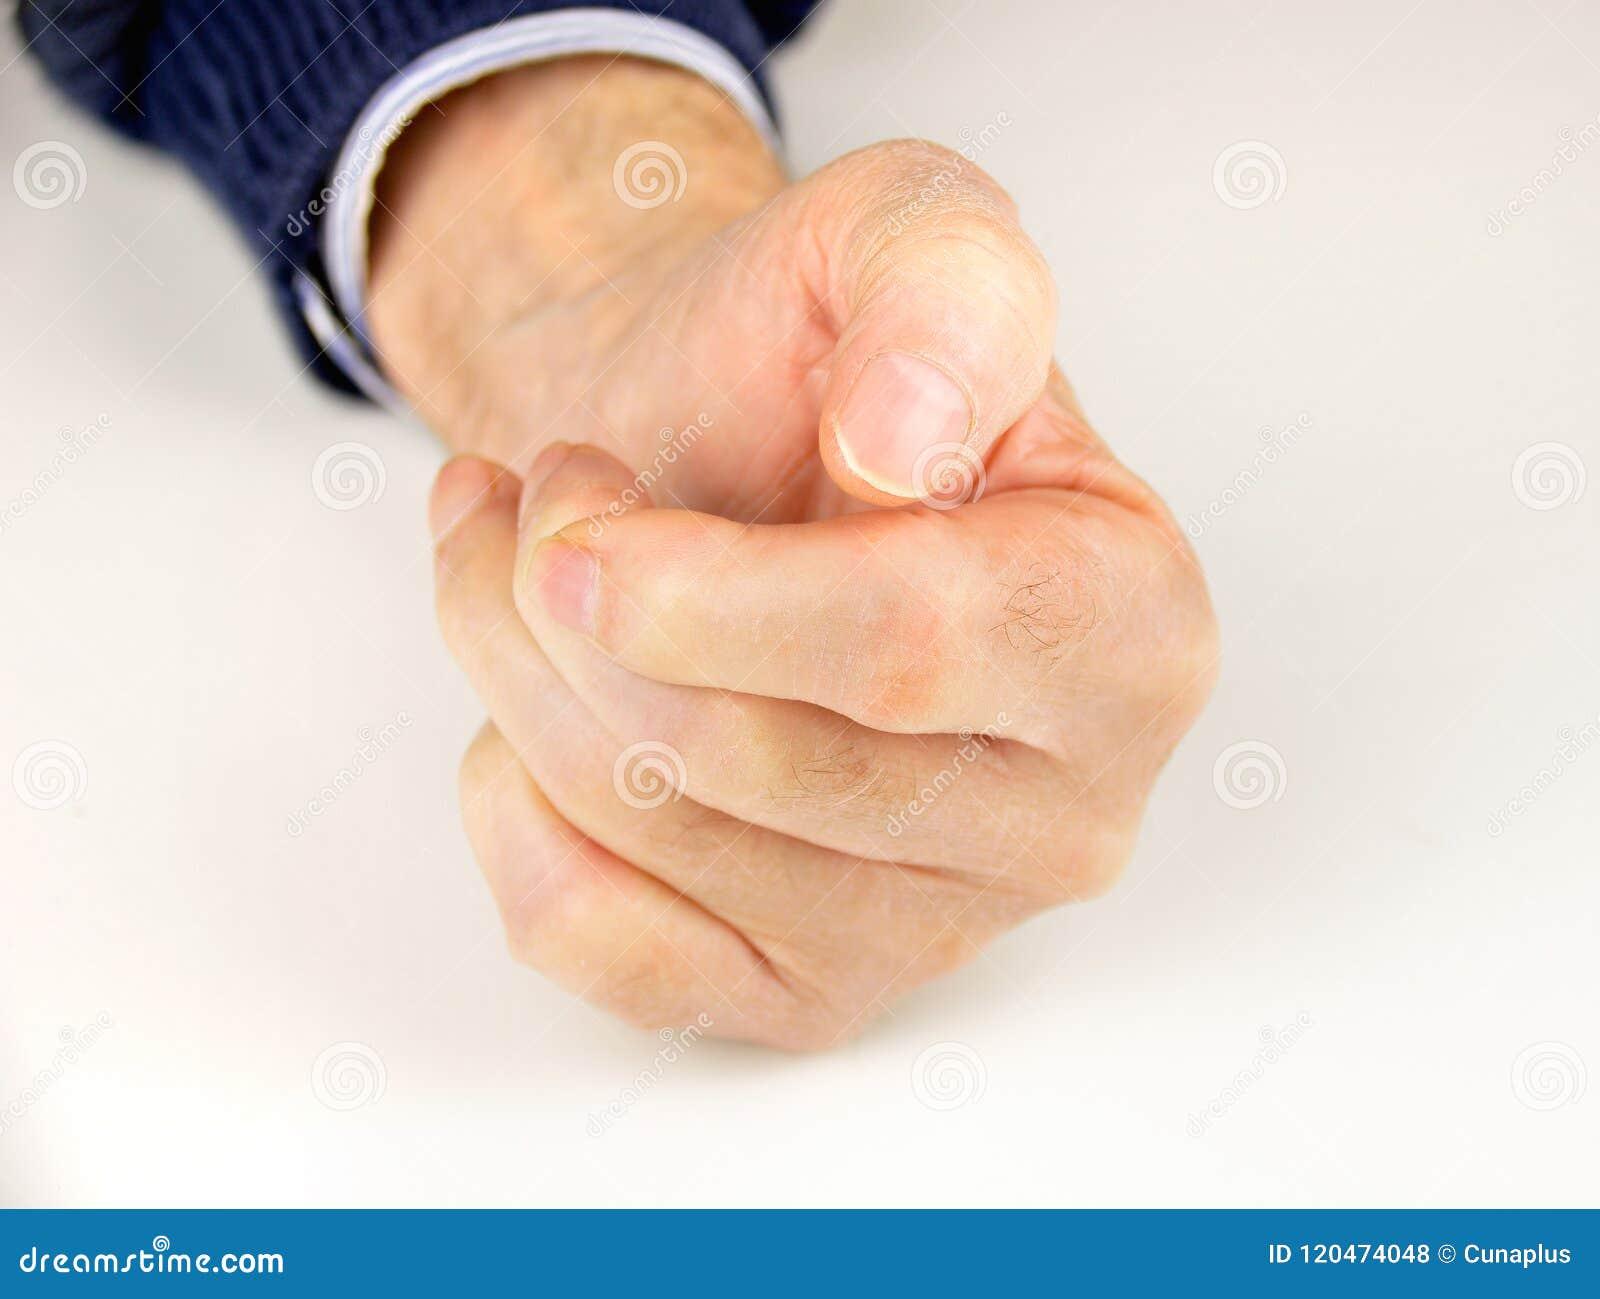 Mano Deformada De Artritis Reumatoide Foto De Archivo Imagen De